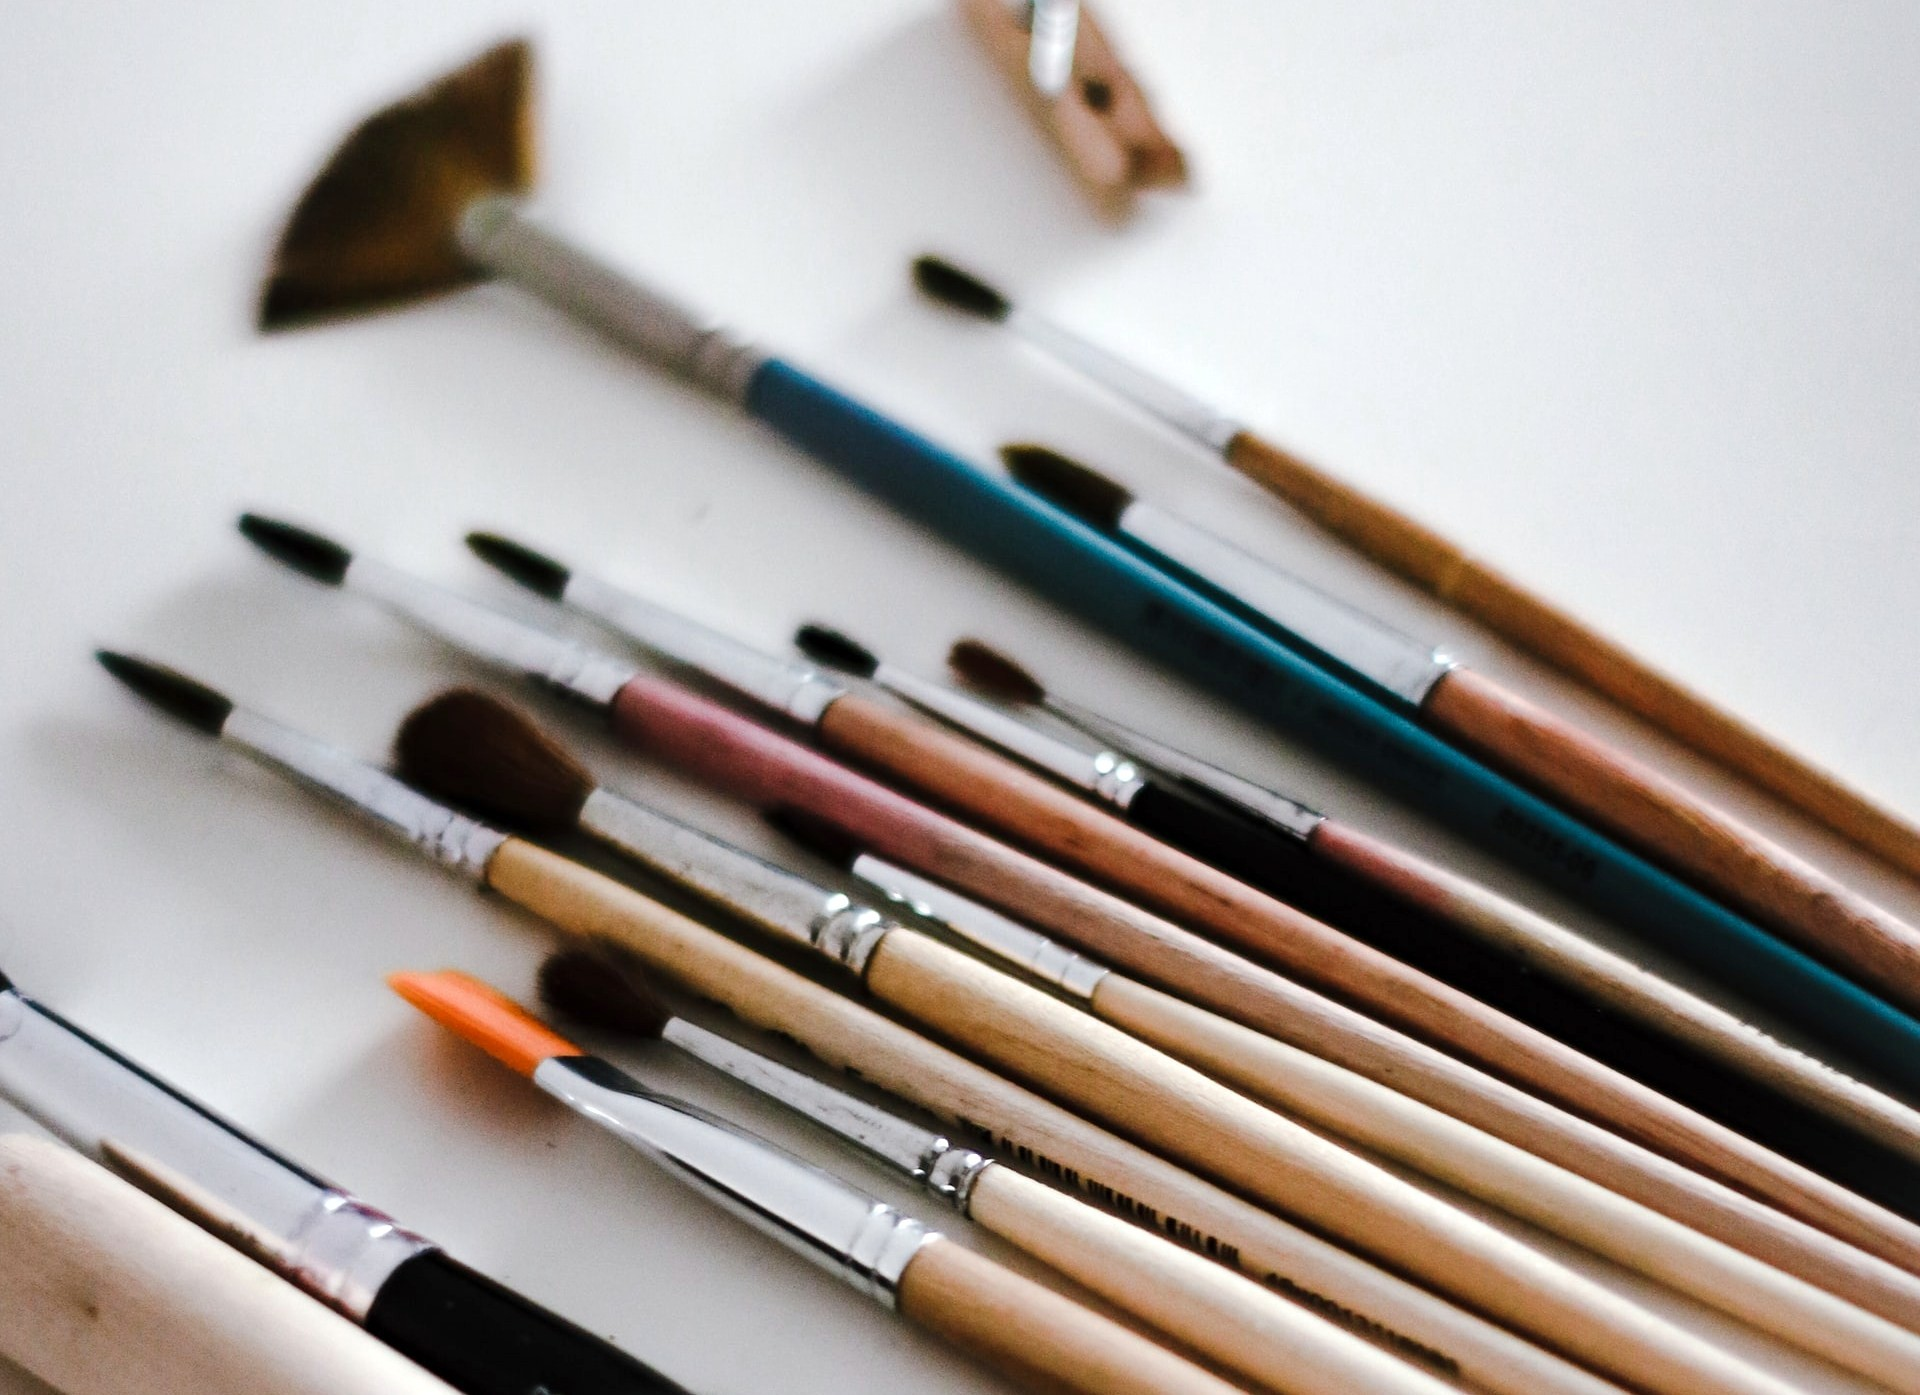 En savoir plus sur nos artistes: les peintres et dessinateurs